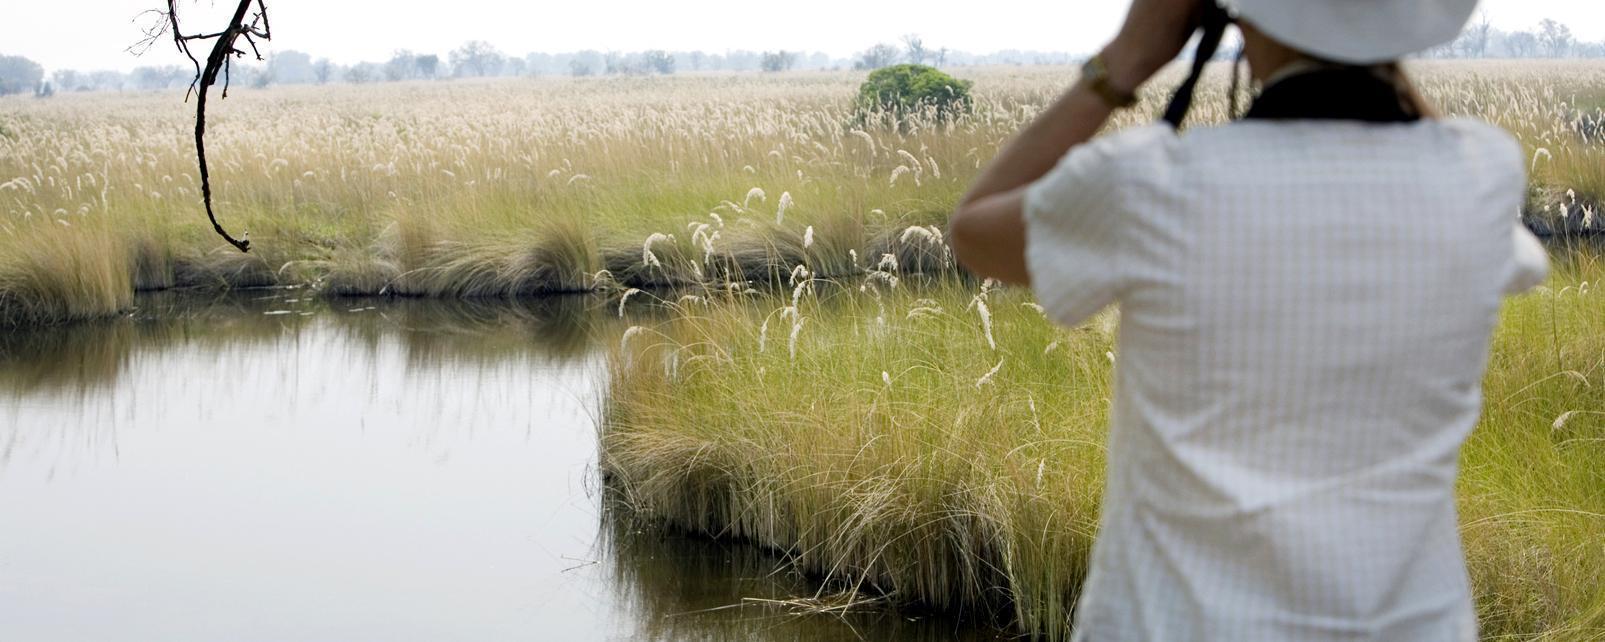 Afrique; Botswana; Francistown; lac; femme; arbre; paysage; nature;